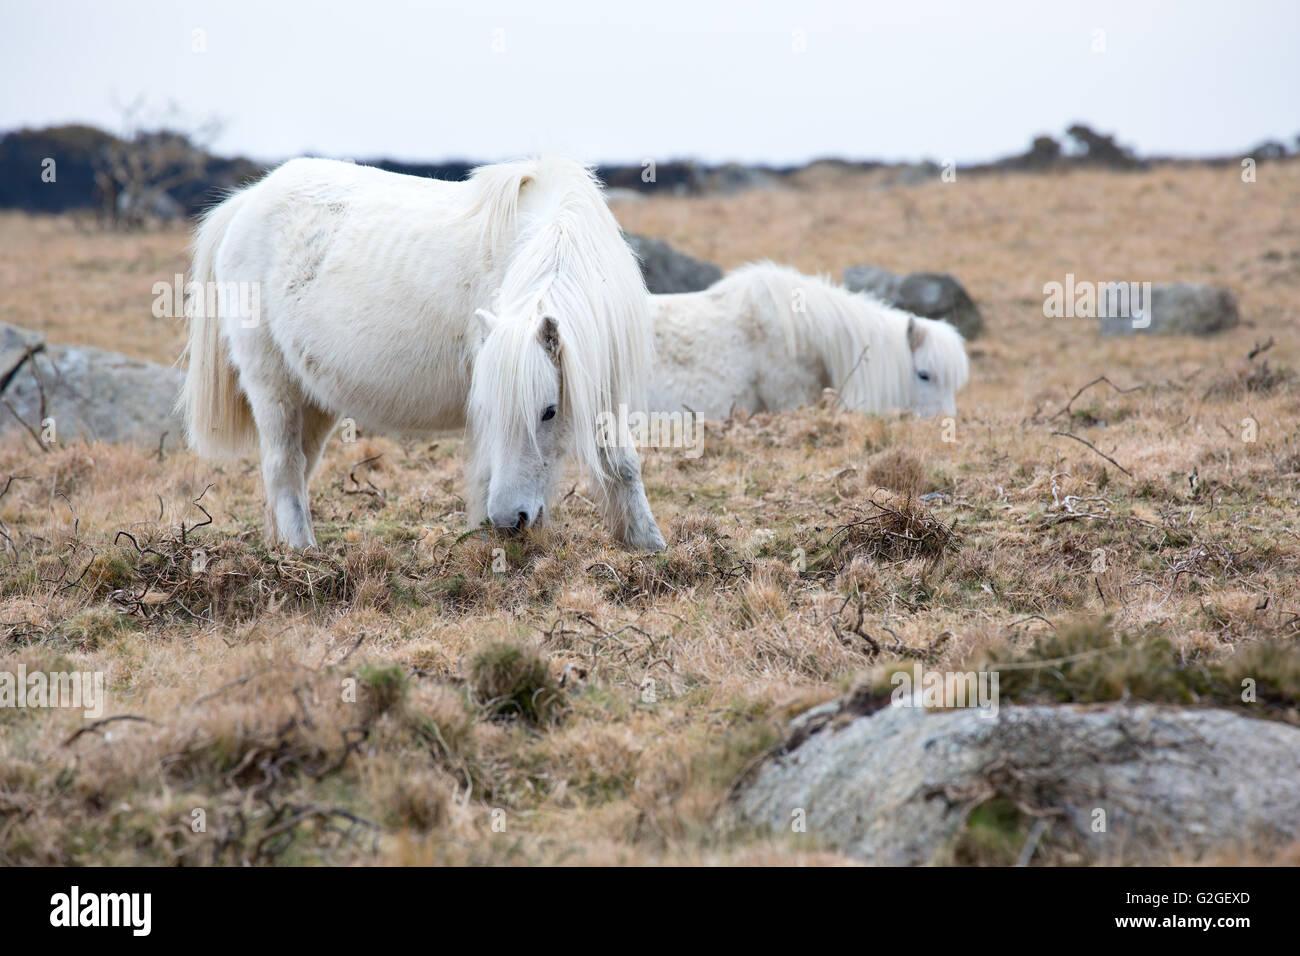 A Dartmoor pony grazing on moorland Dartmoor National Park Devon Uk Stock Photo